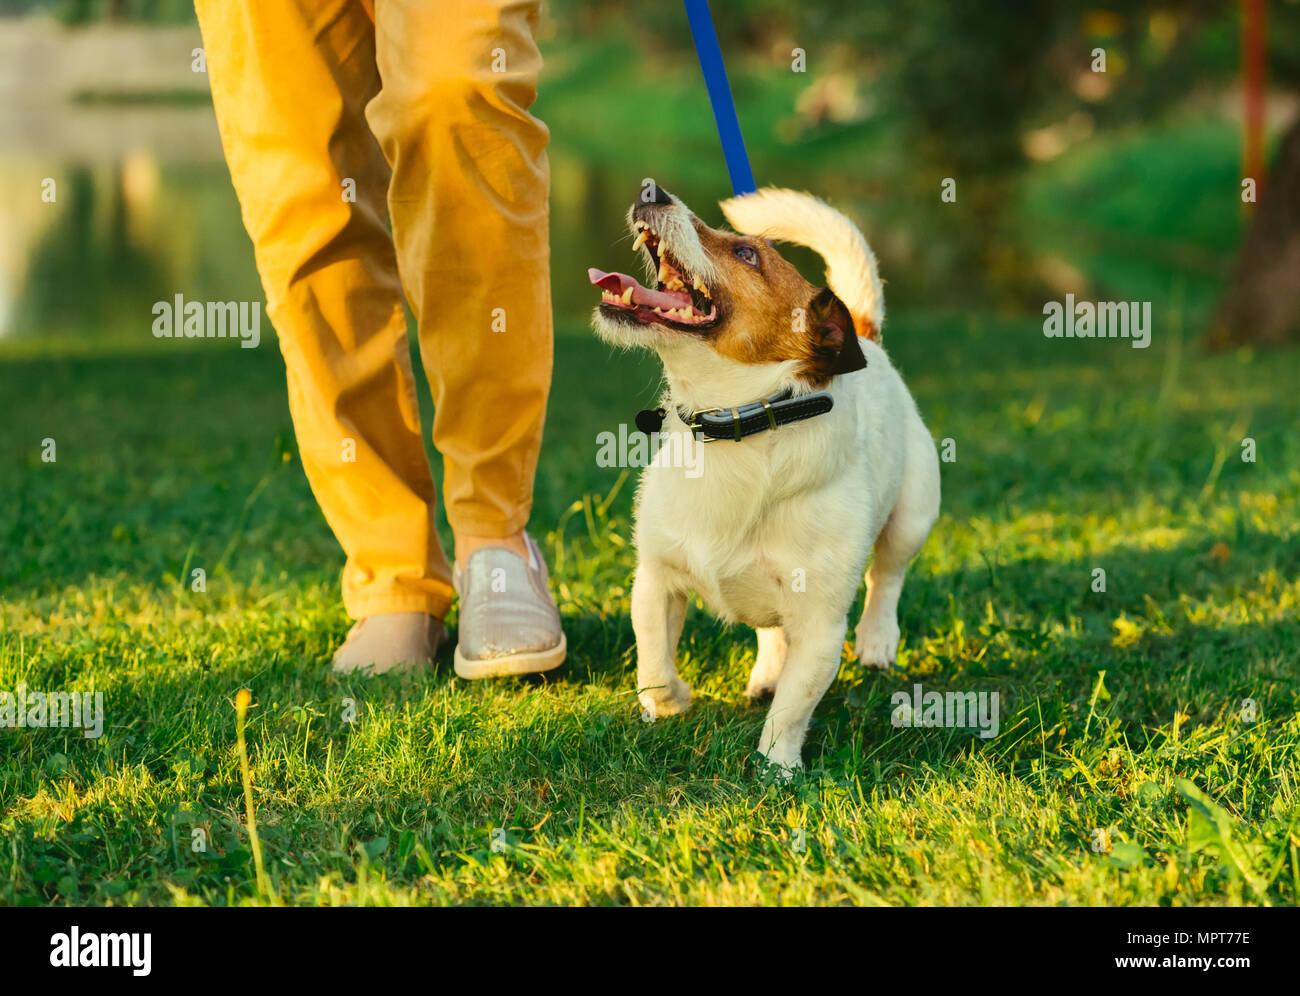 Hund das Gehen an der Leine mit Frau während der abendlichen Spaziergang im Park Stockbild